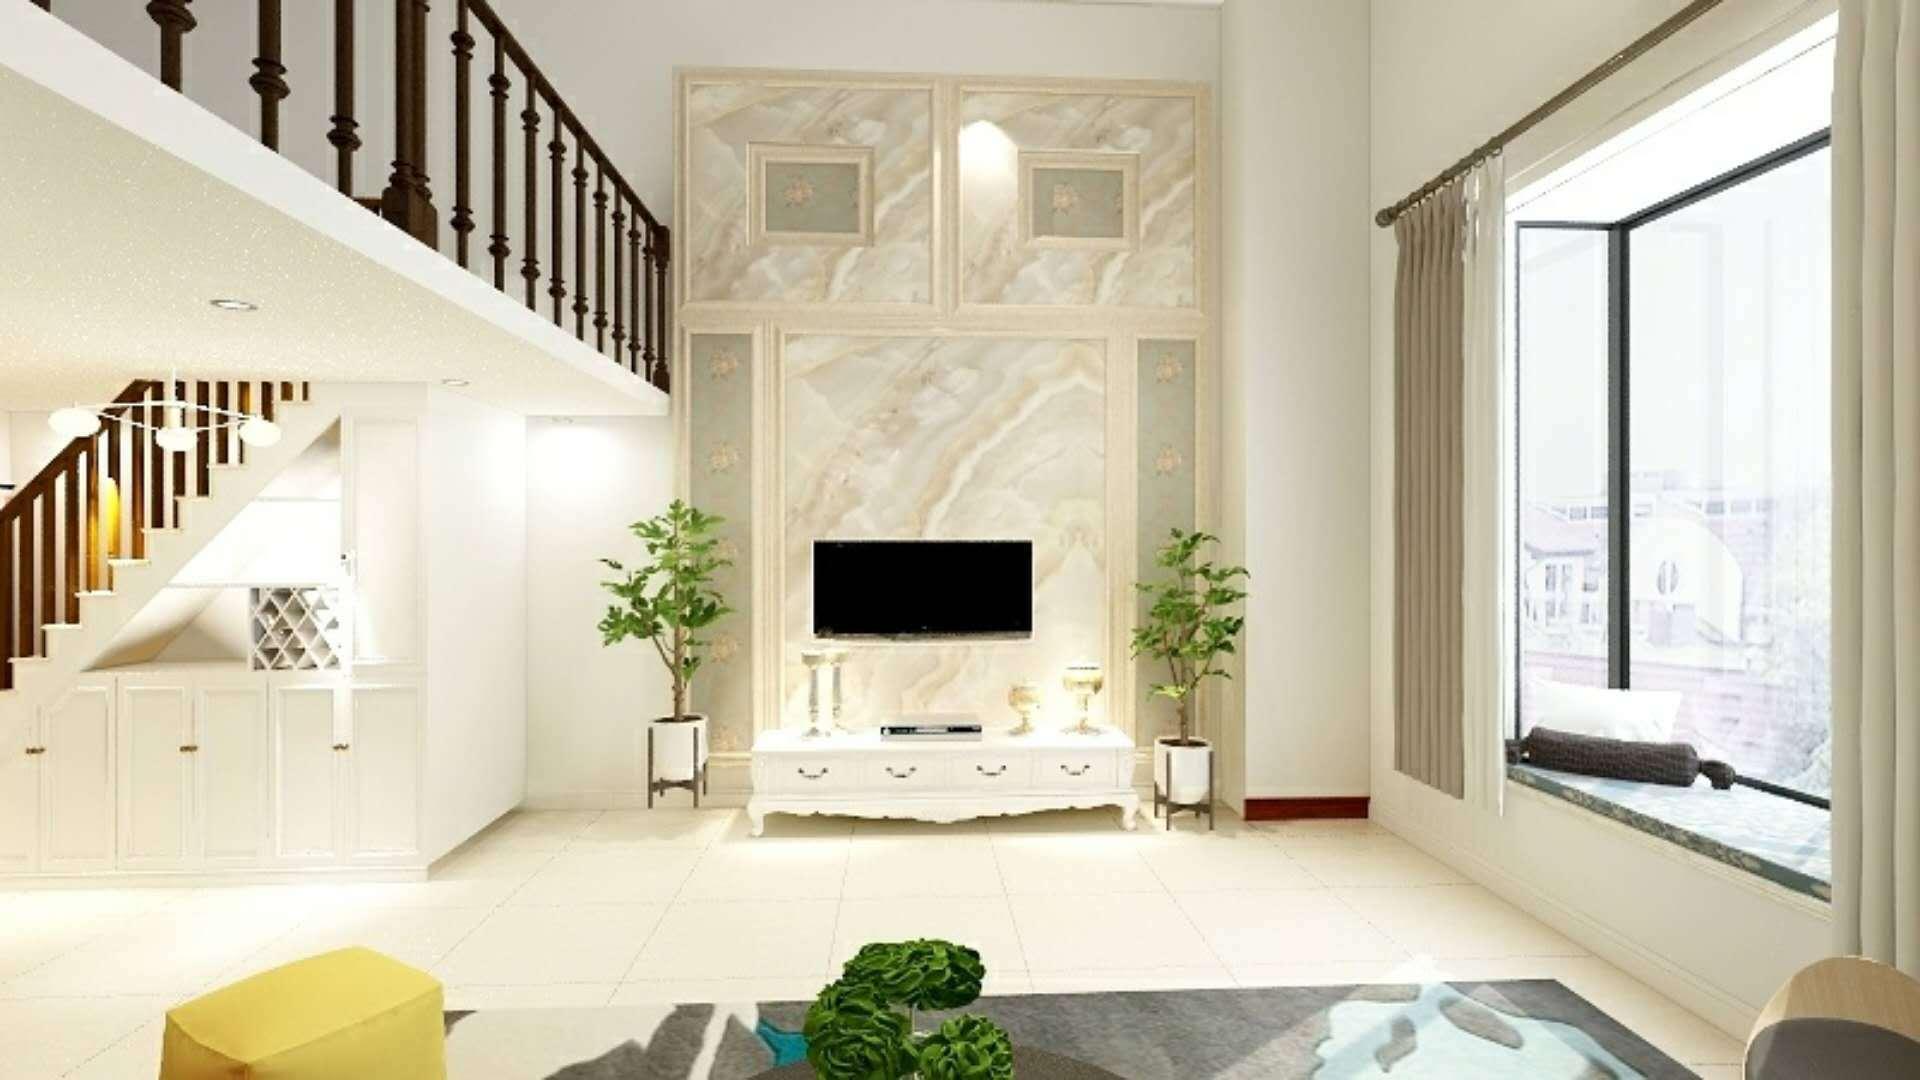 君泰中央公园公寓77平米复式公寓装修